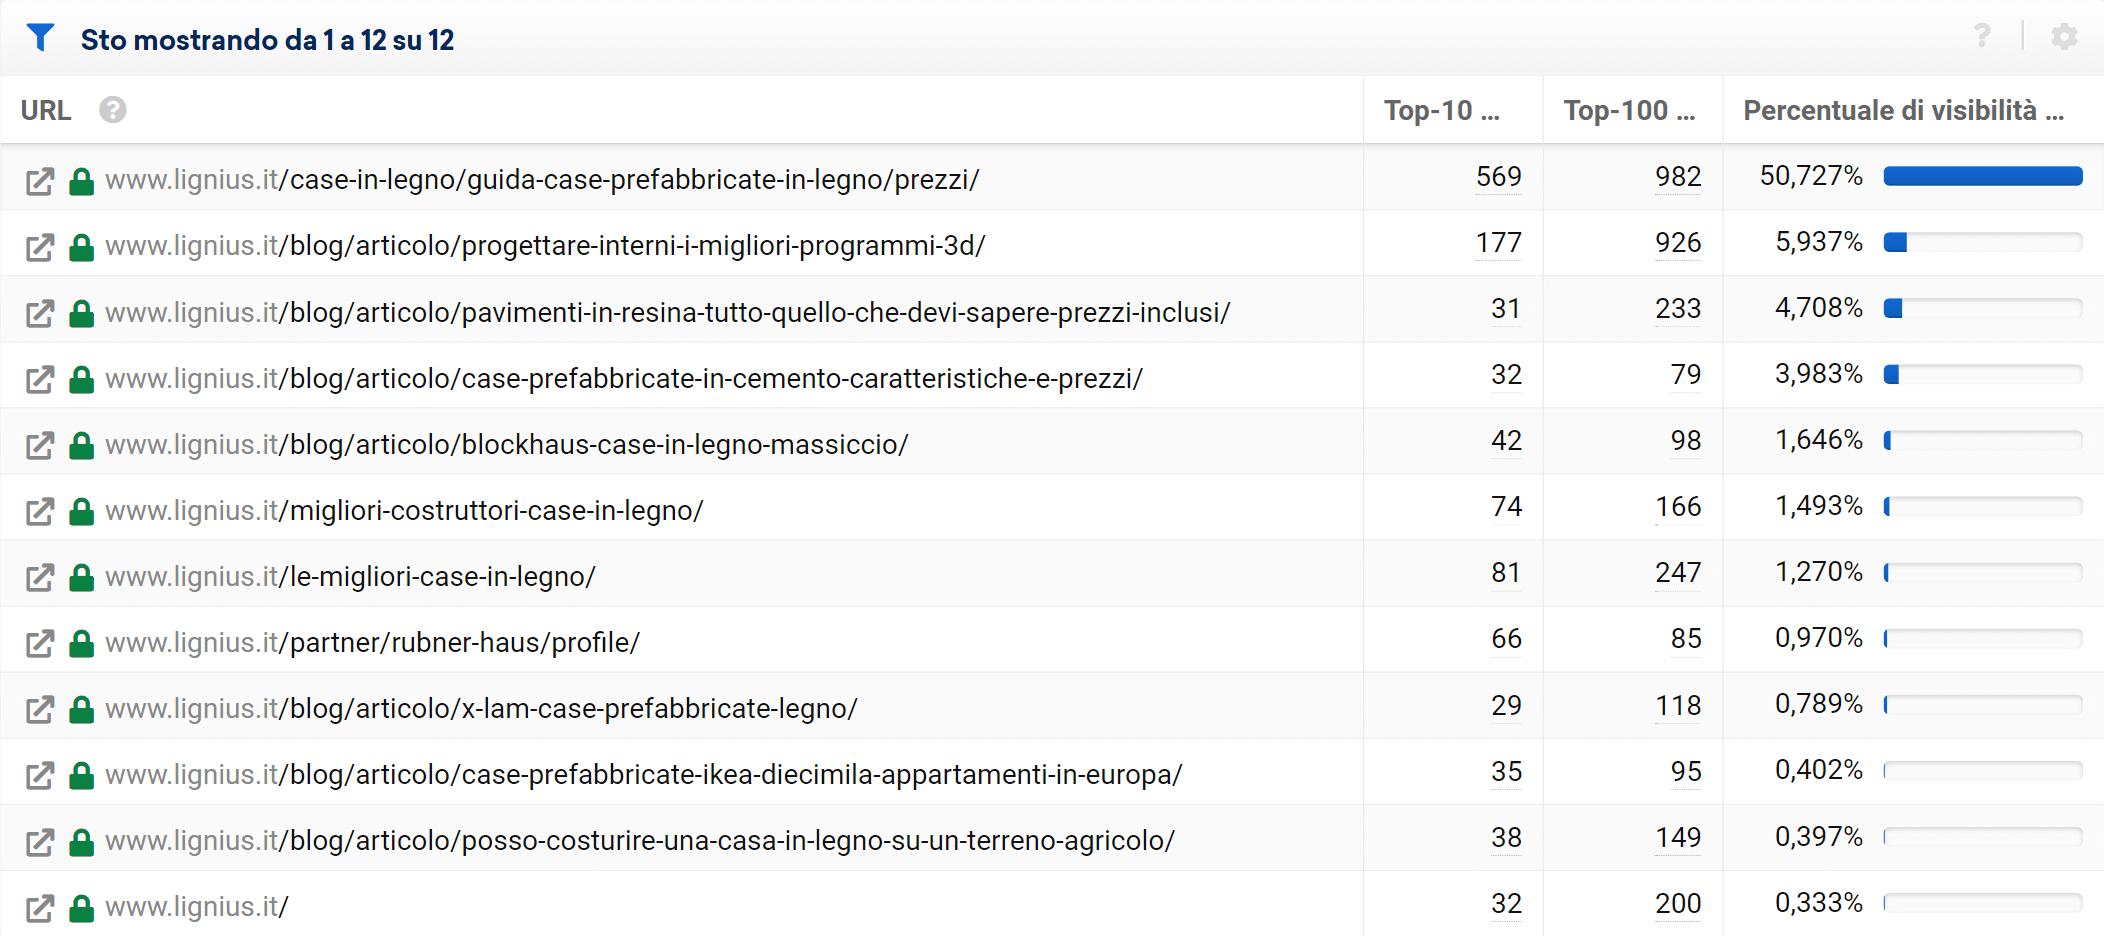 URL migliori di lignius.it